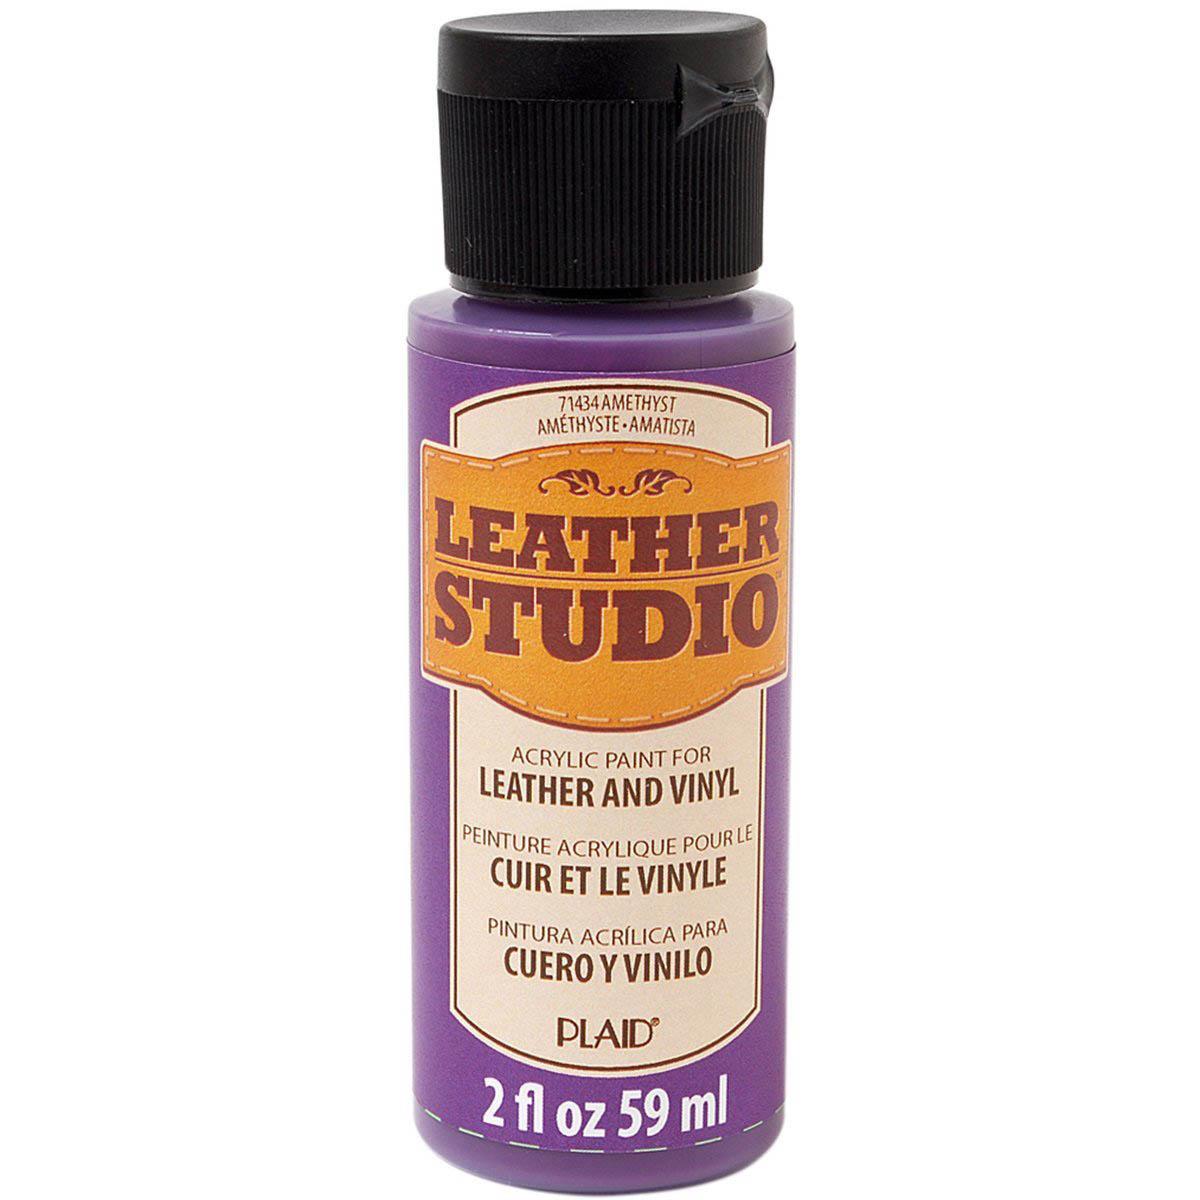 Leather Studio™ Leather & Vinyl Paint Colors - Amethyst, 2 oz.